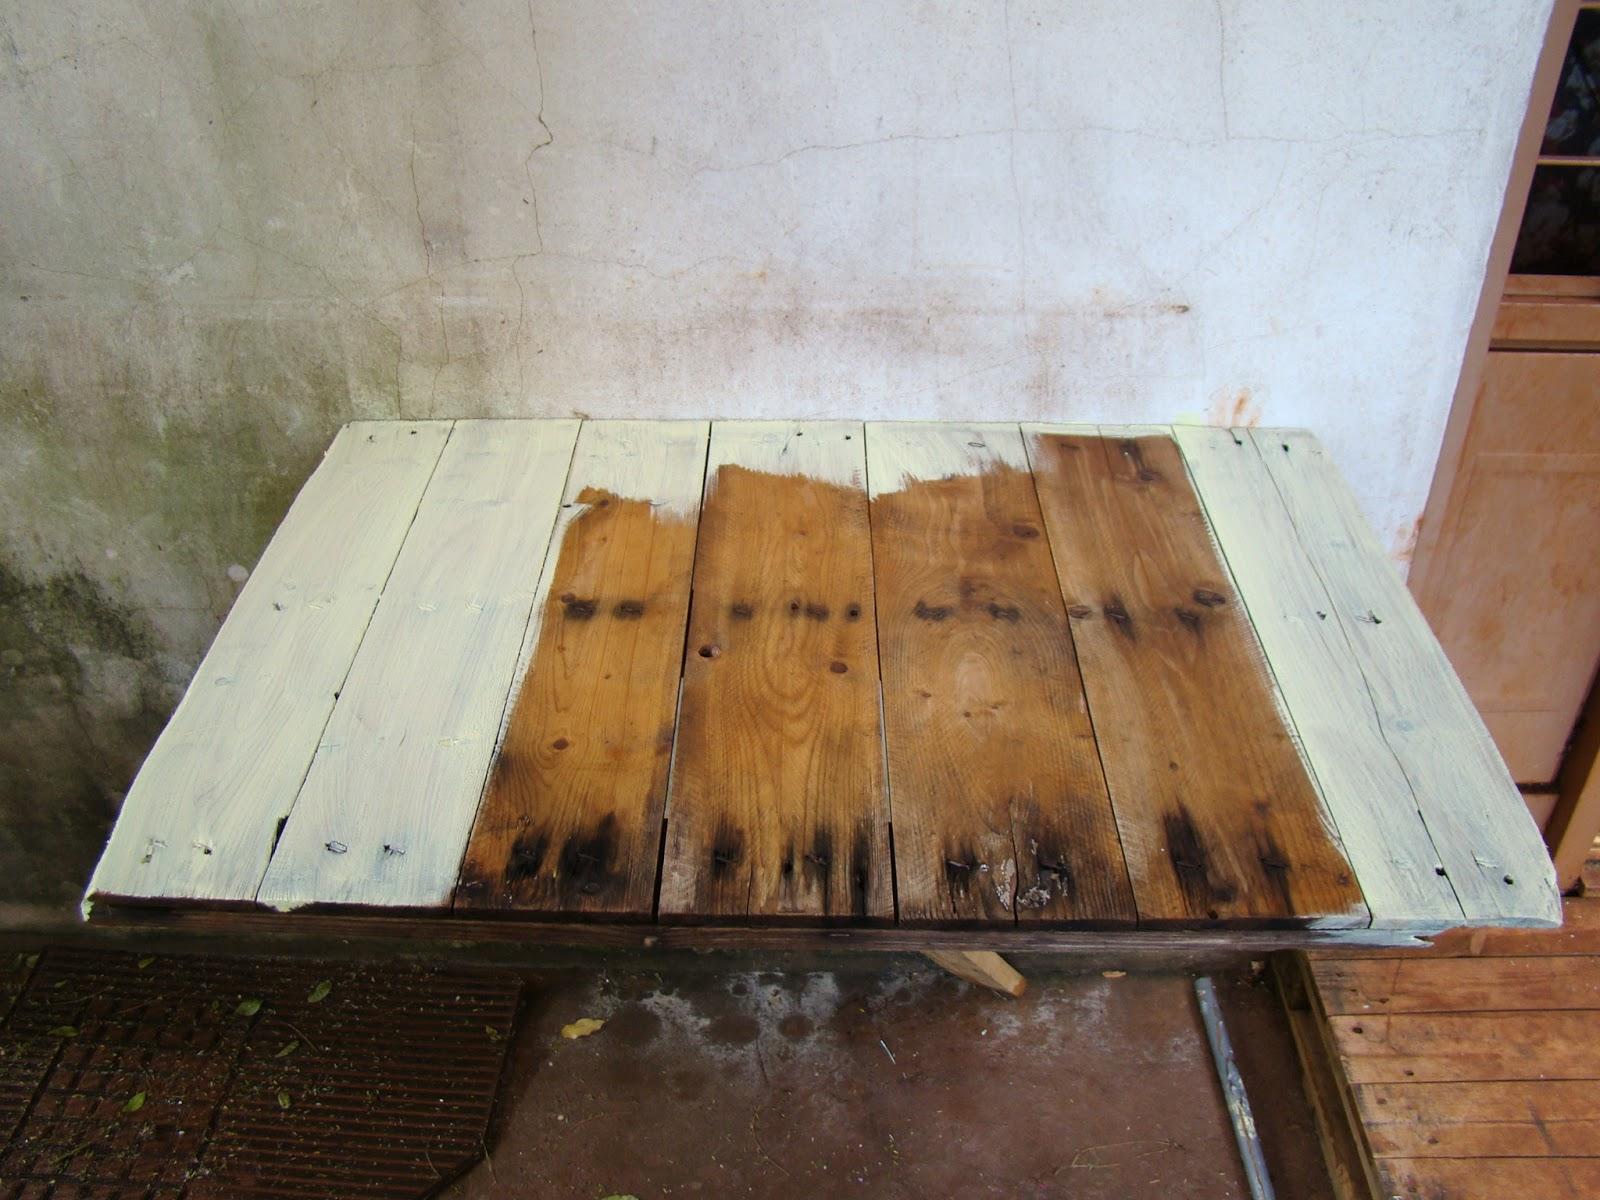 Pintando nossa mesa. A madeira pode até estar um pouco detonada (como  #966A35 1600x1200